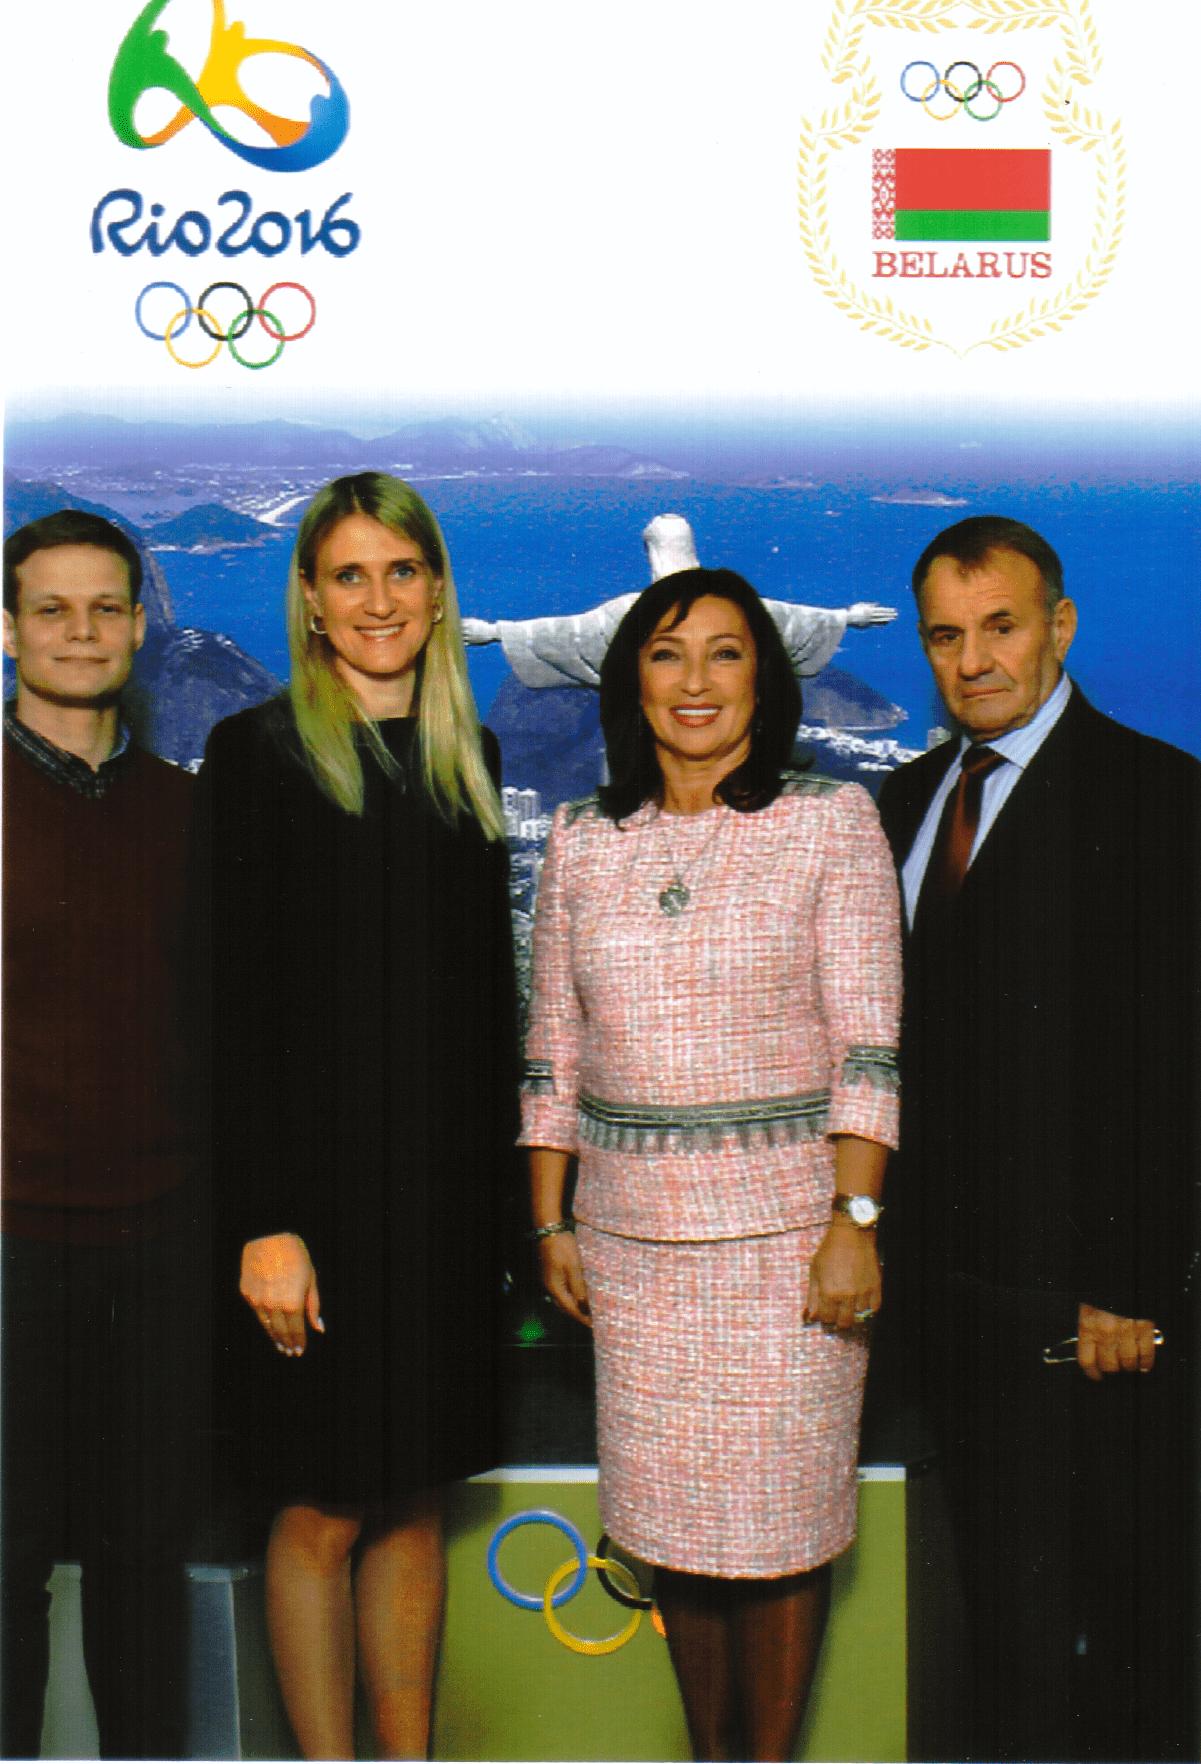 """Міжнародна науково-пактична кронференція """"Олімпійська освіта"""" (м. Мінськ, Білорусь)"""